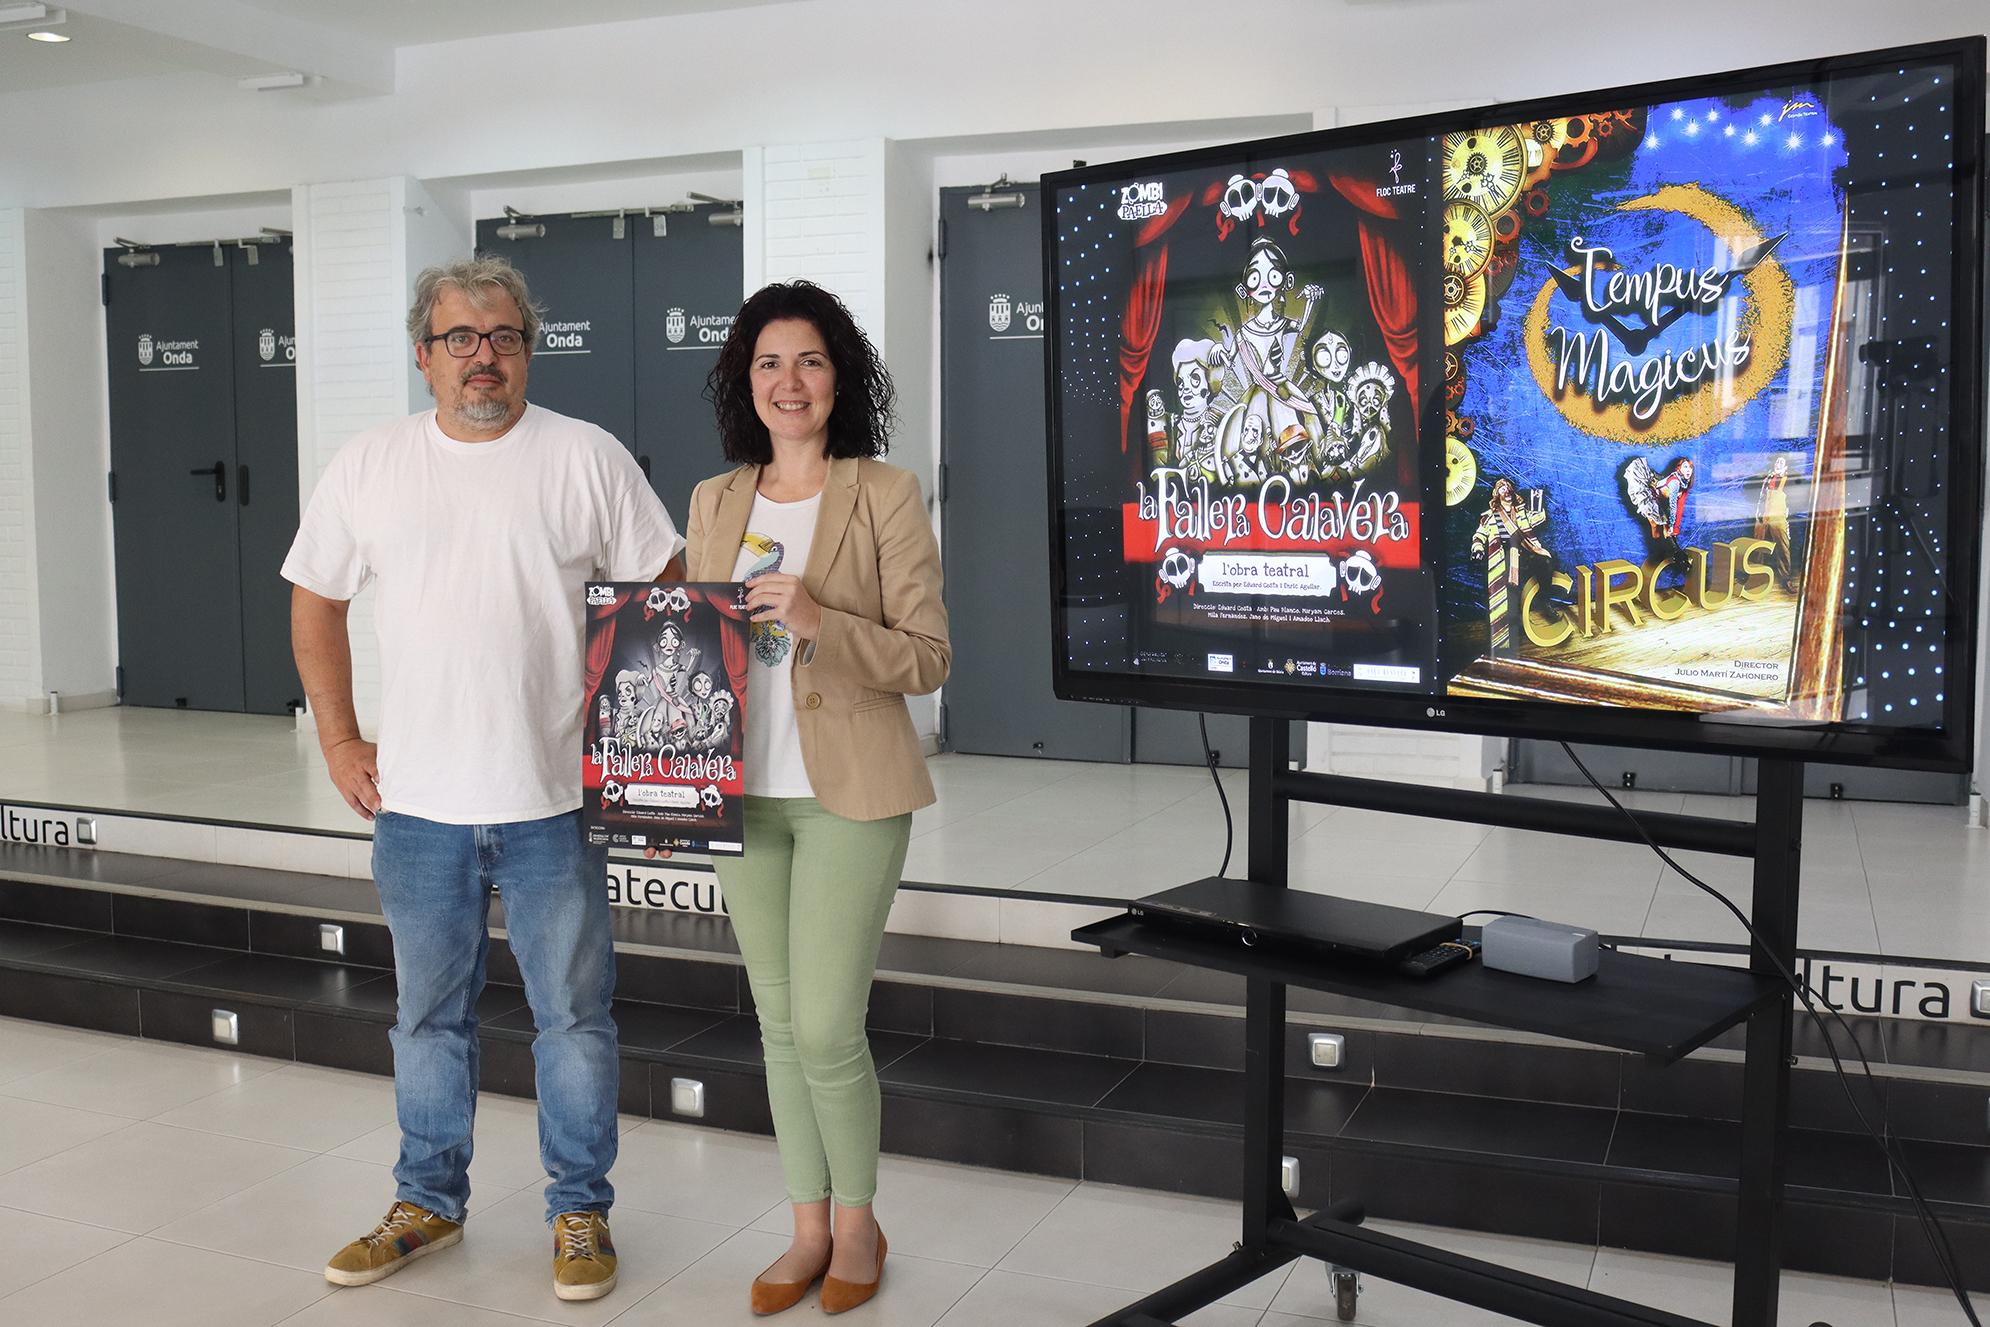 El Teatro Mónaco de Onda estrenará la obra teatral de la Fallera Calavera y trae al circo Tempus Magicus